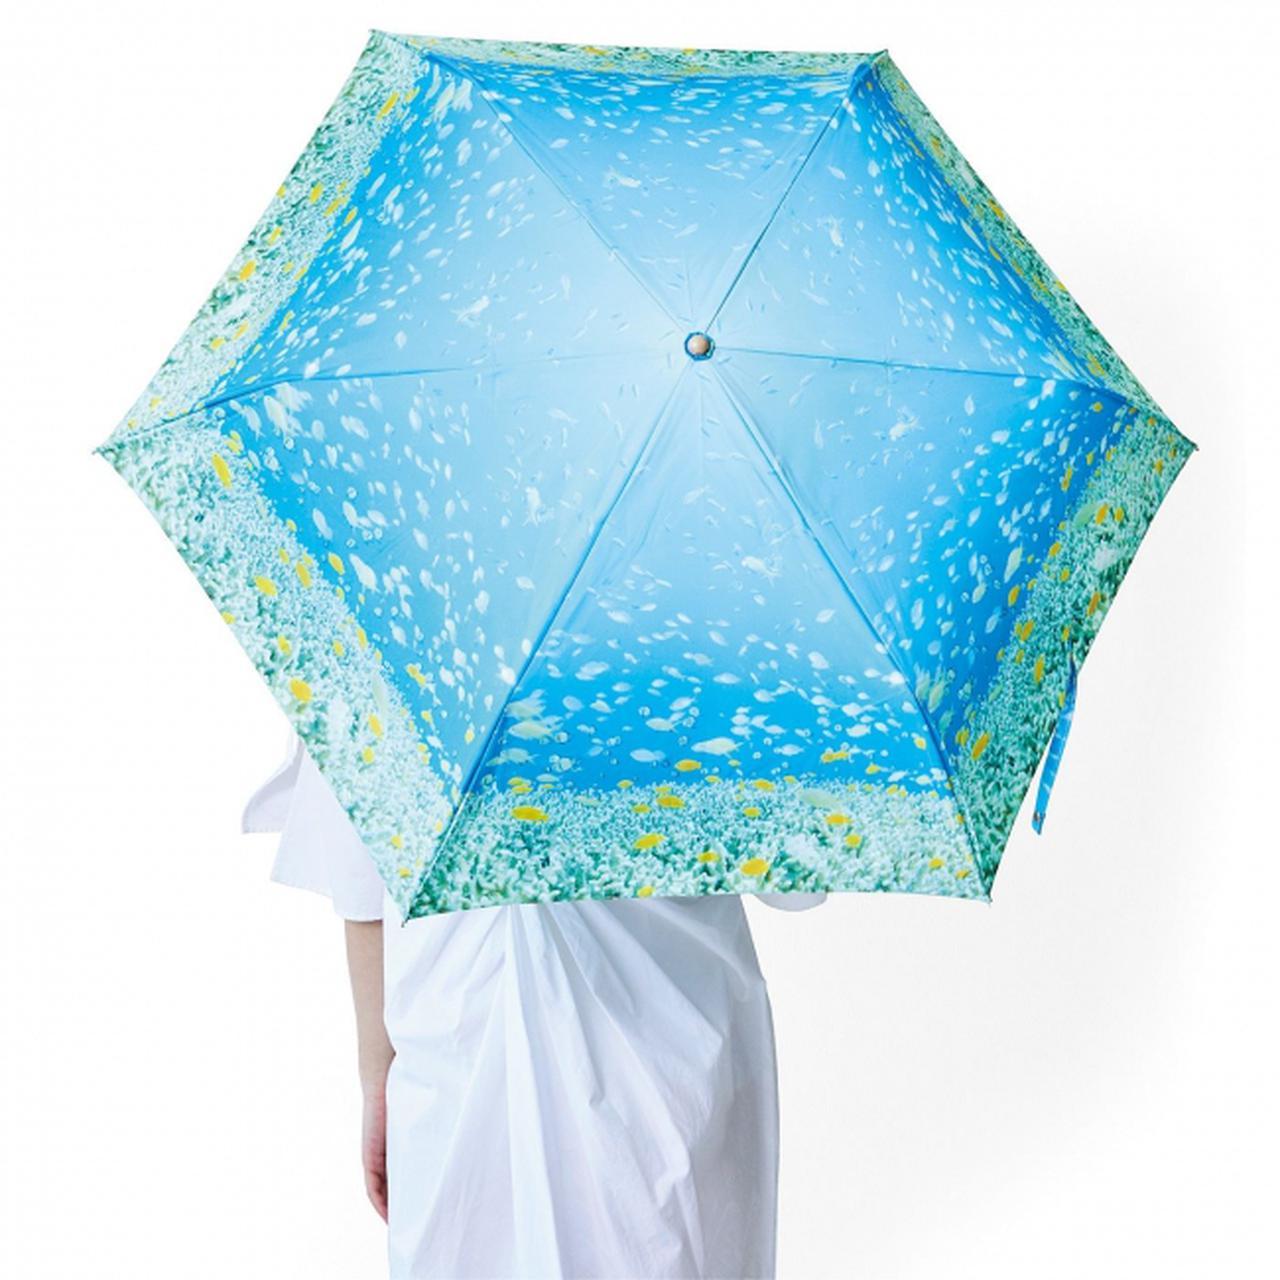 画像5: 本格的な梅雨シーズン到来!おすすめ晴雨兼用傘